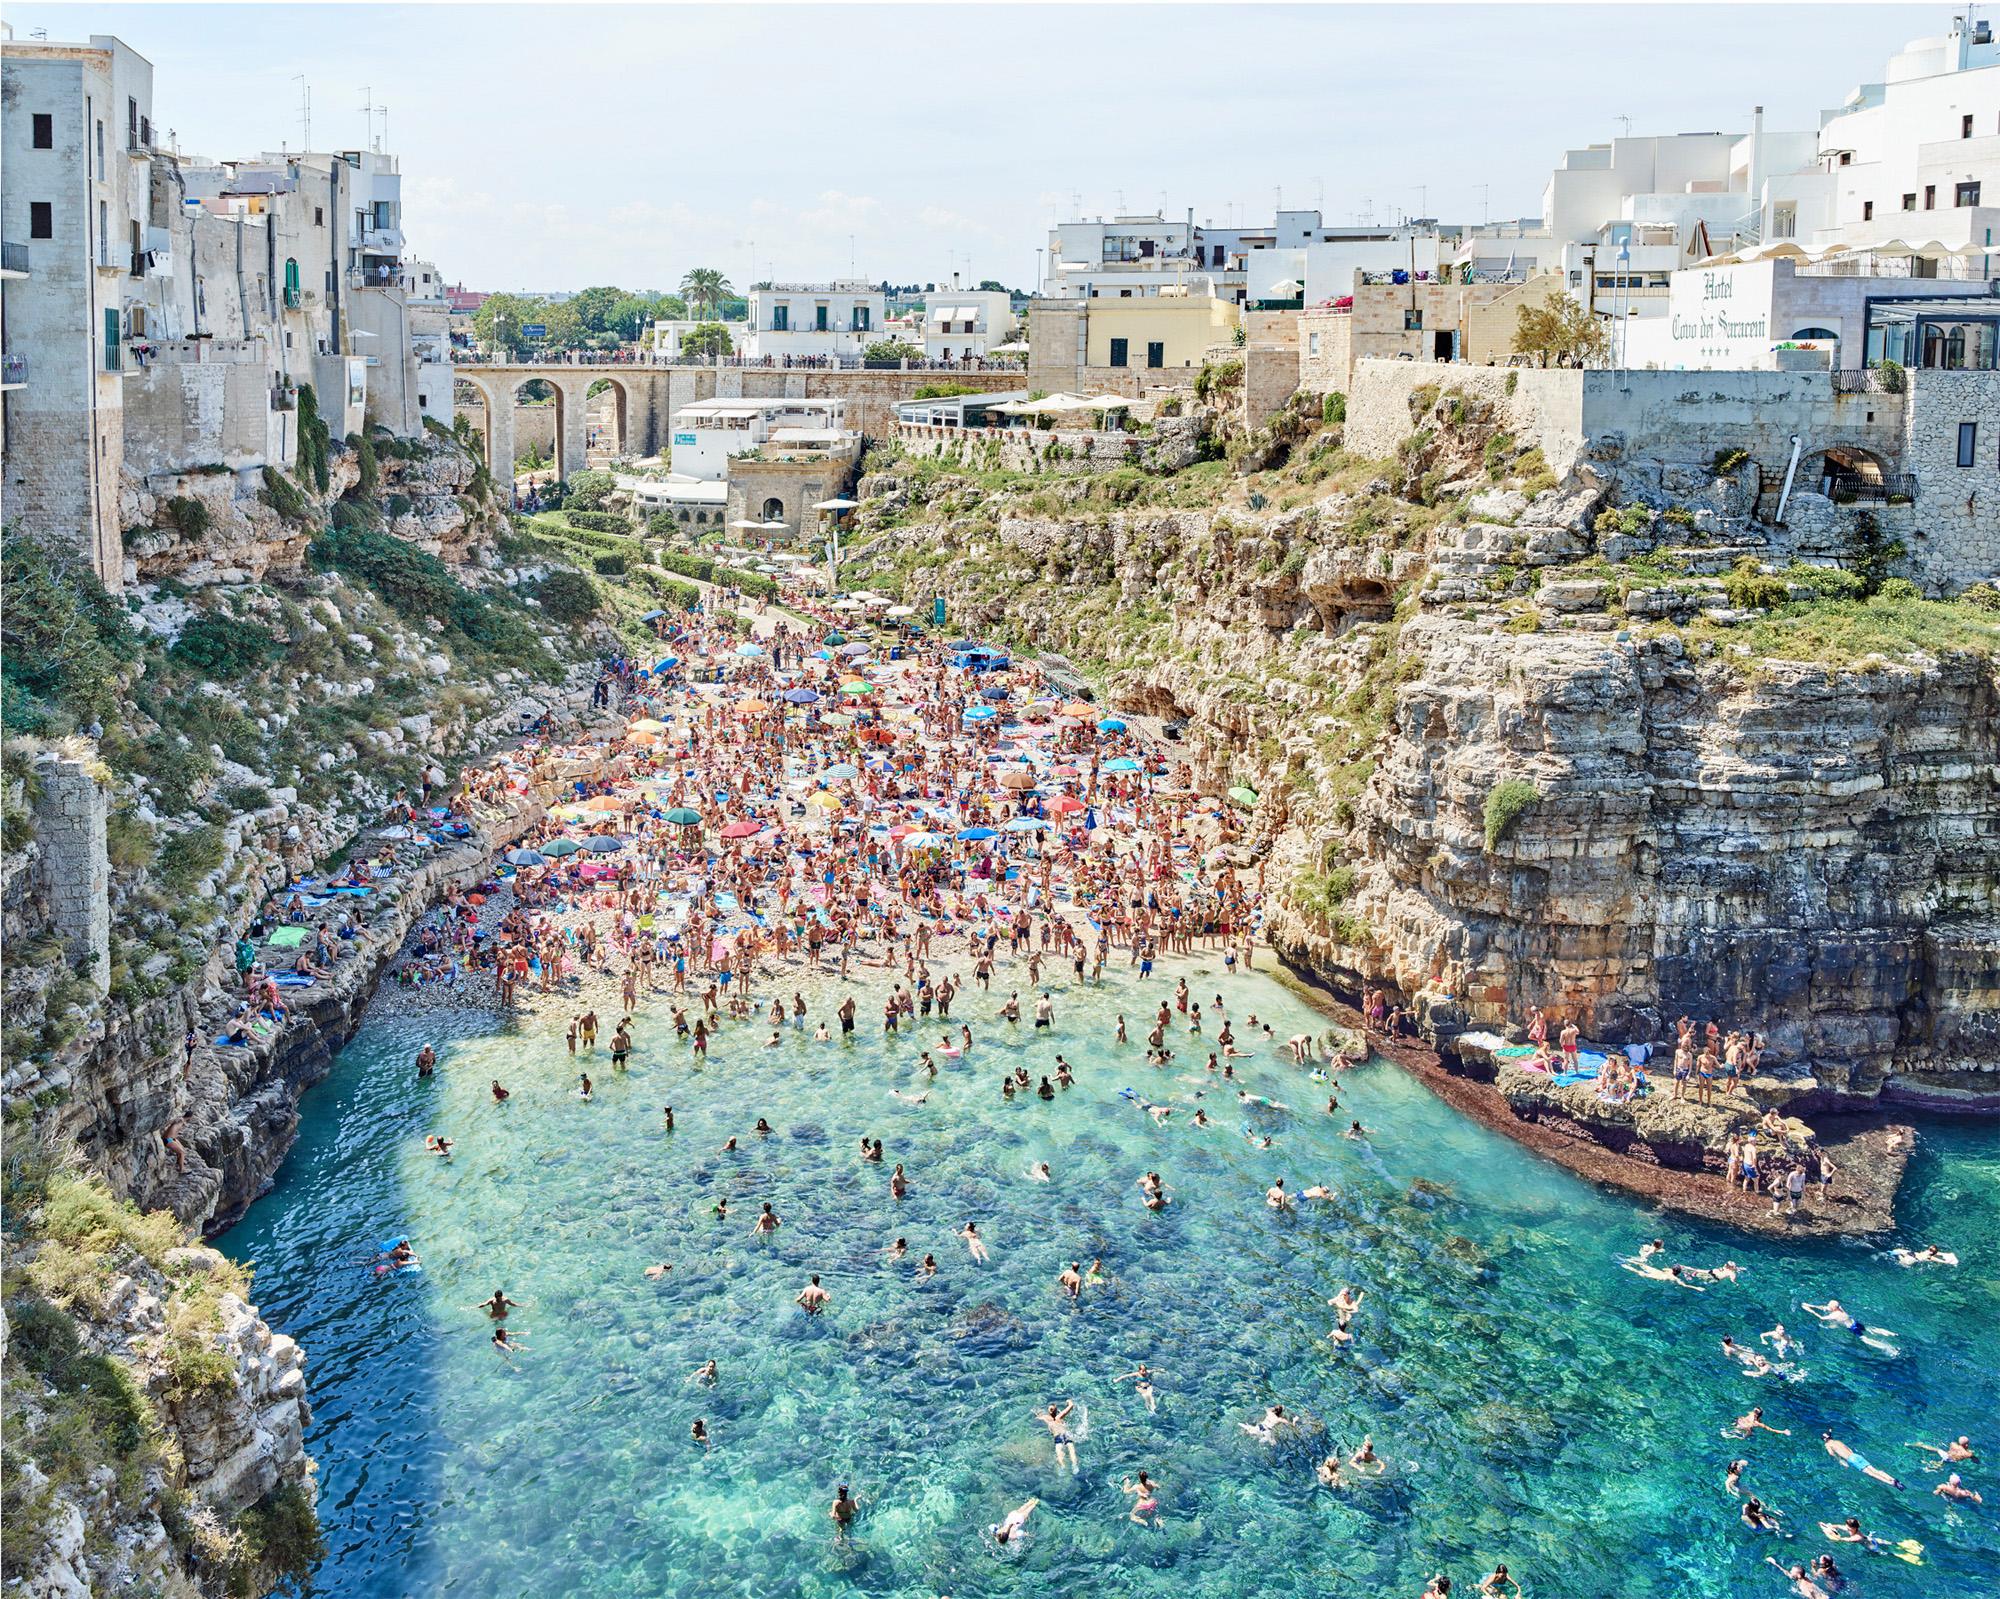 Polignano a Mare (mid-day), Bari, Italy, 2016